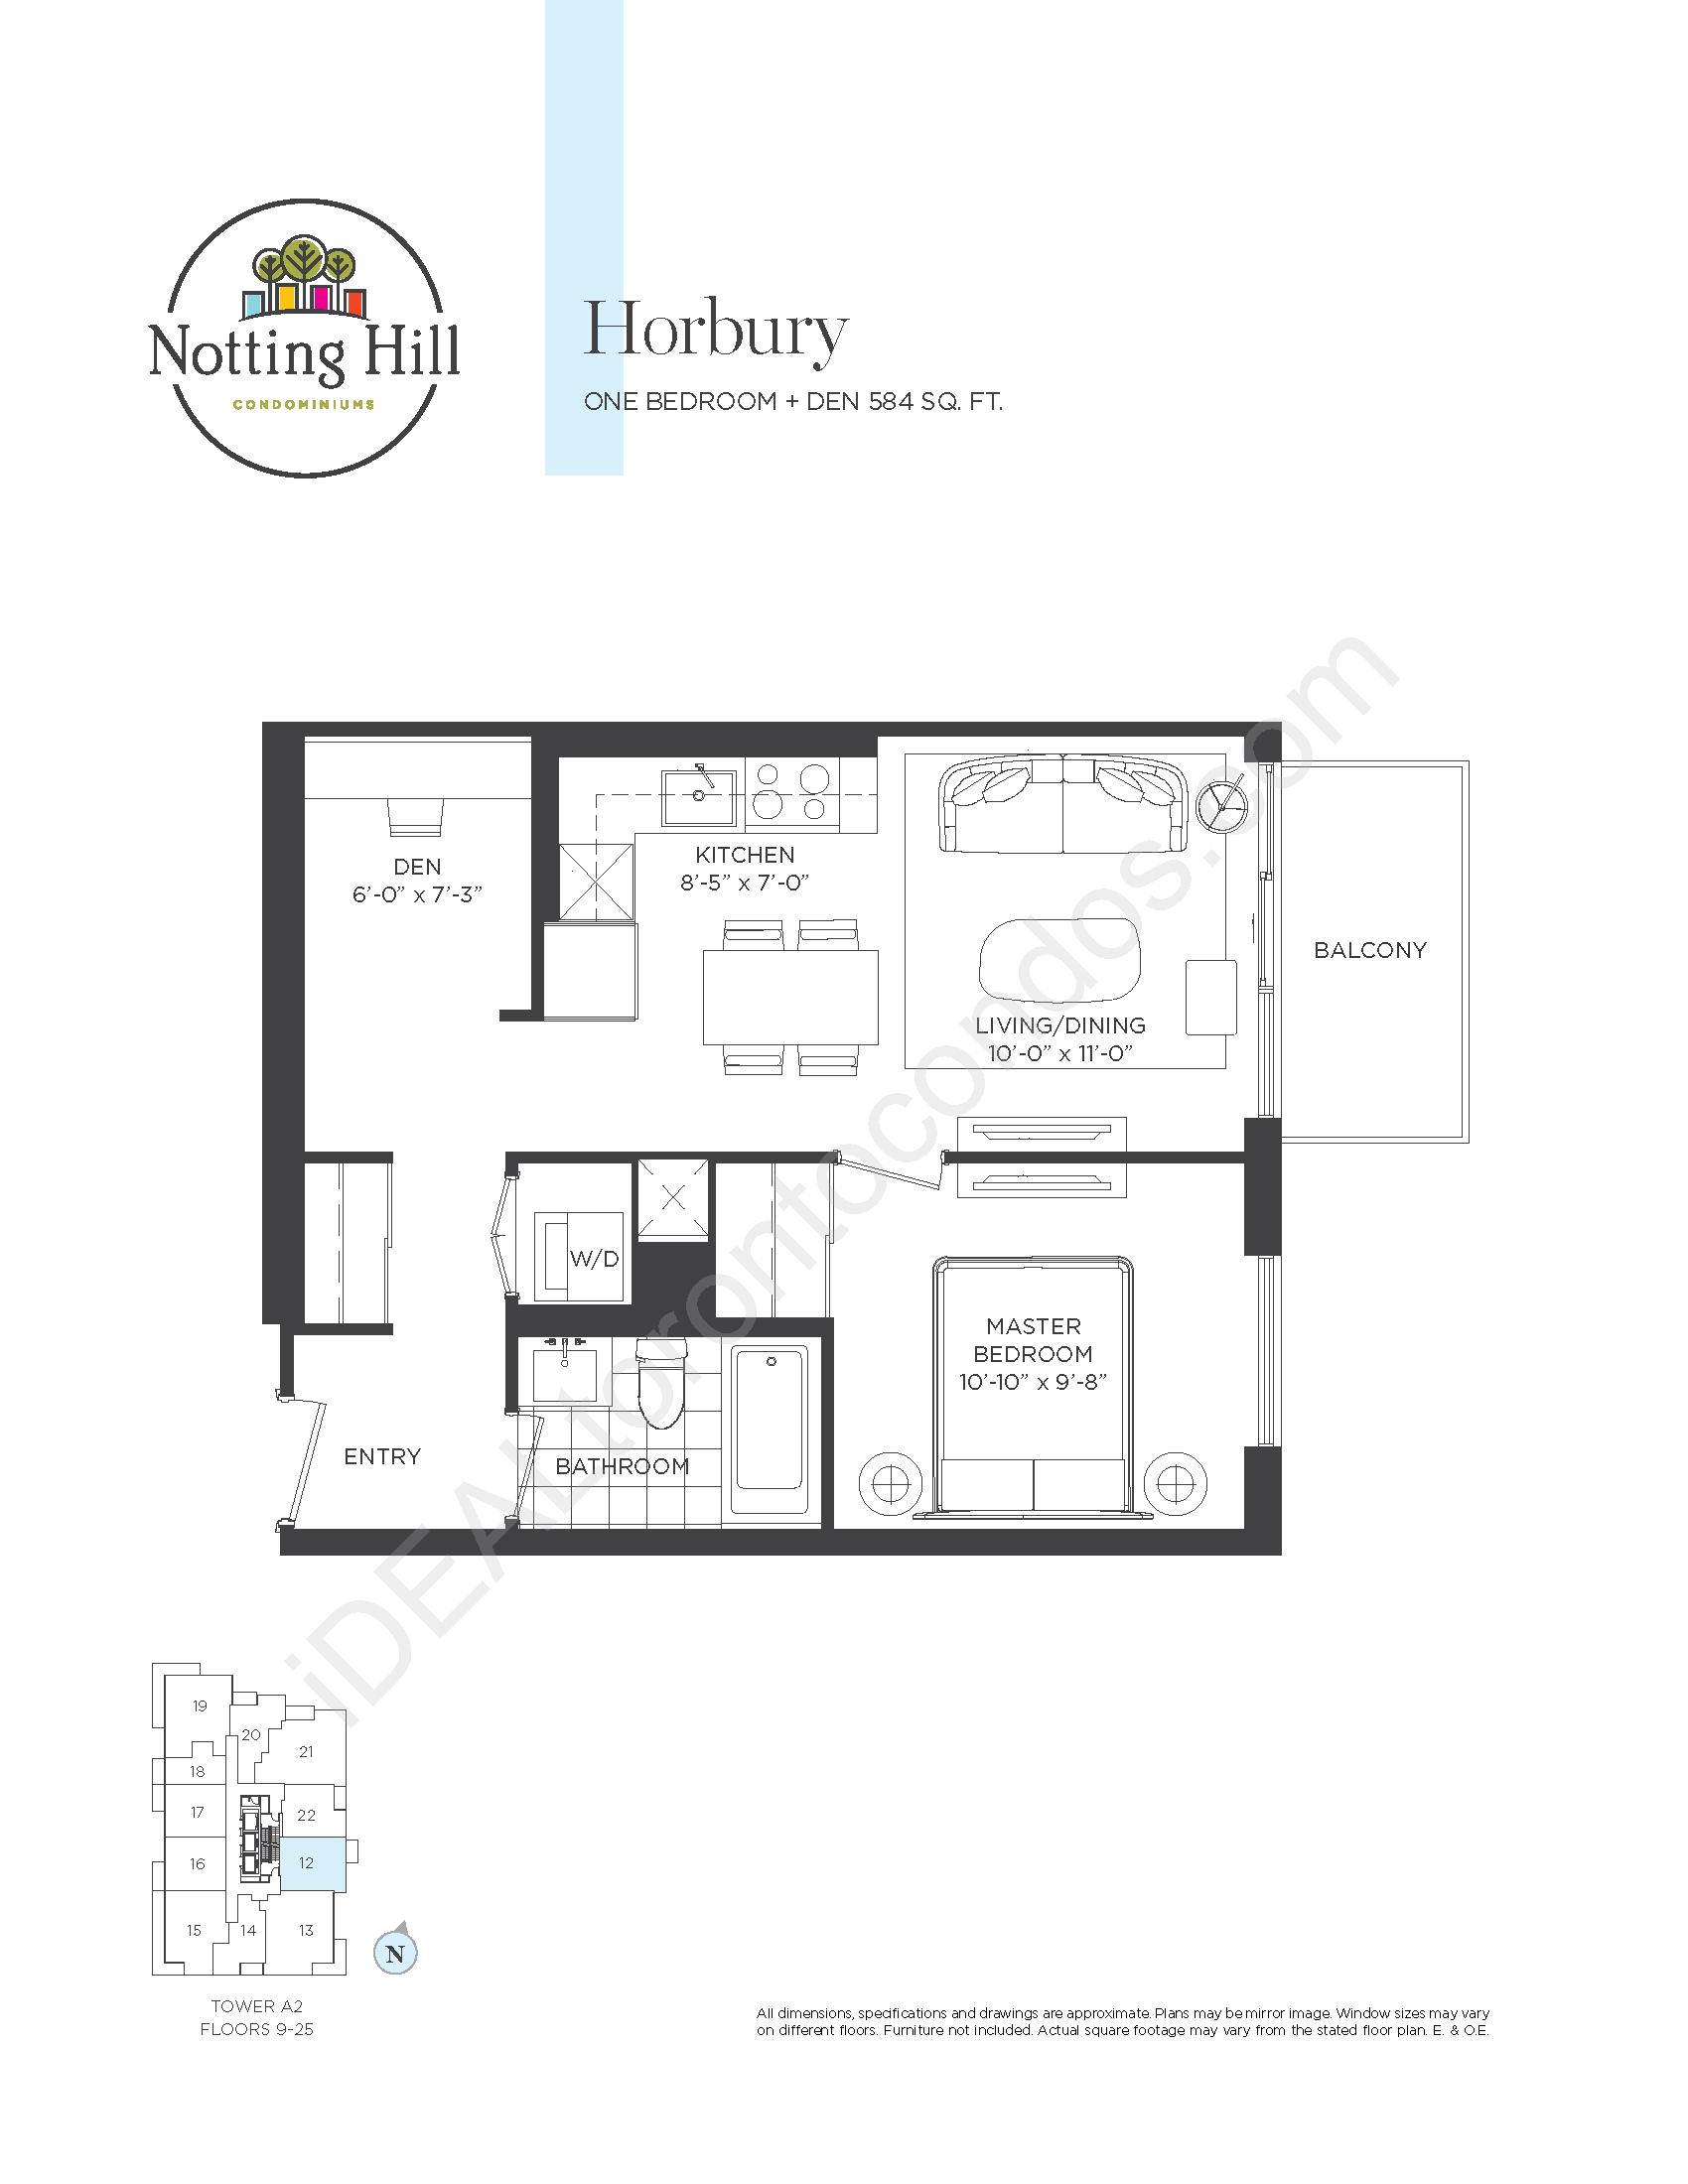 Horbury - One Bedroom + den